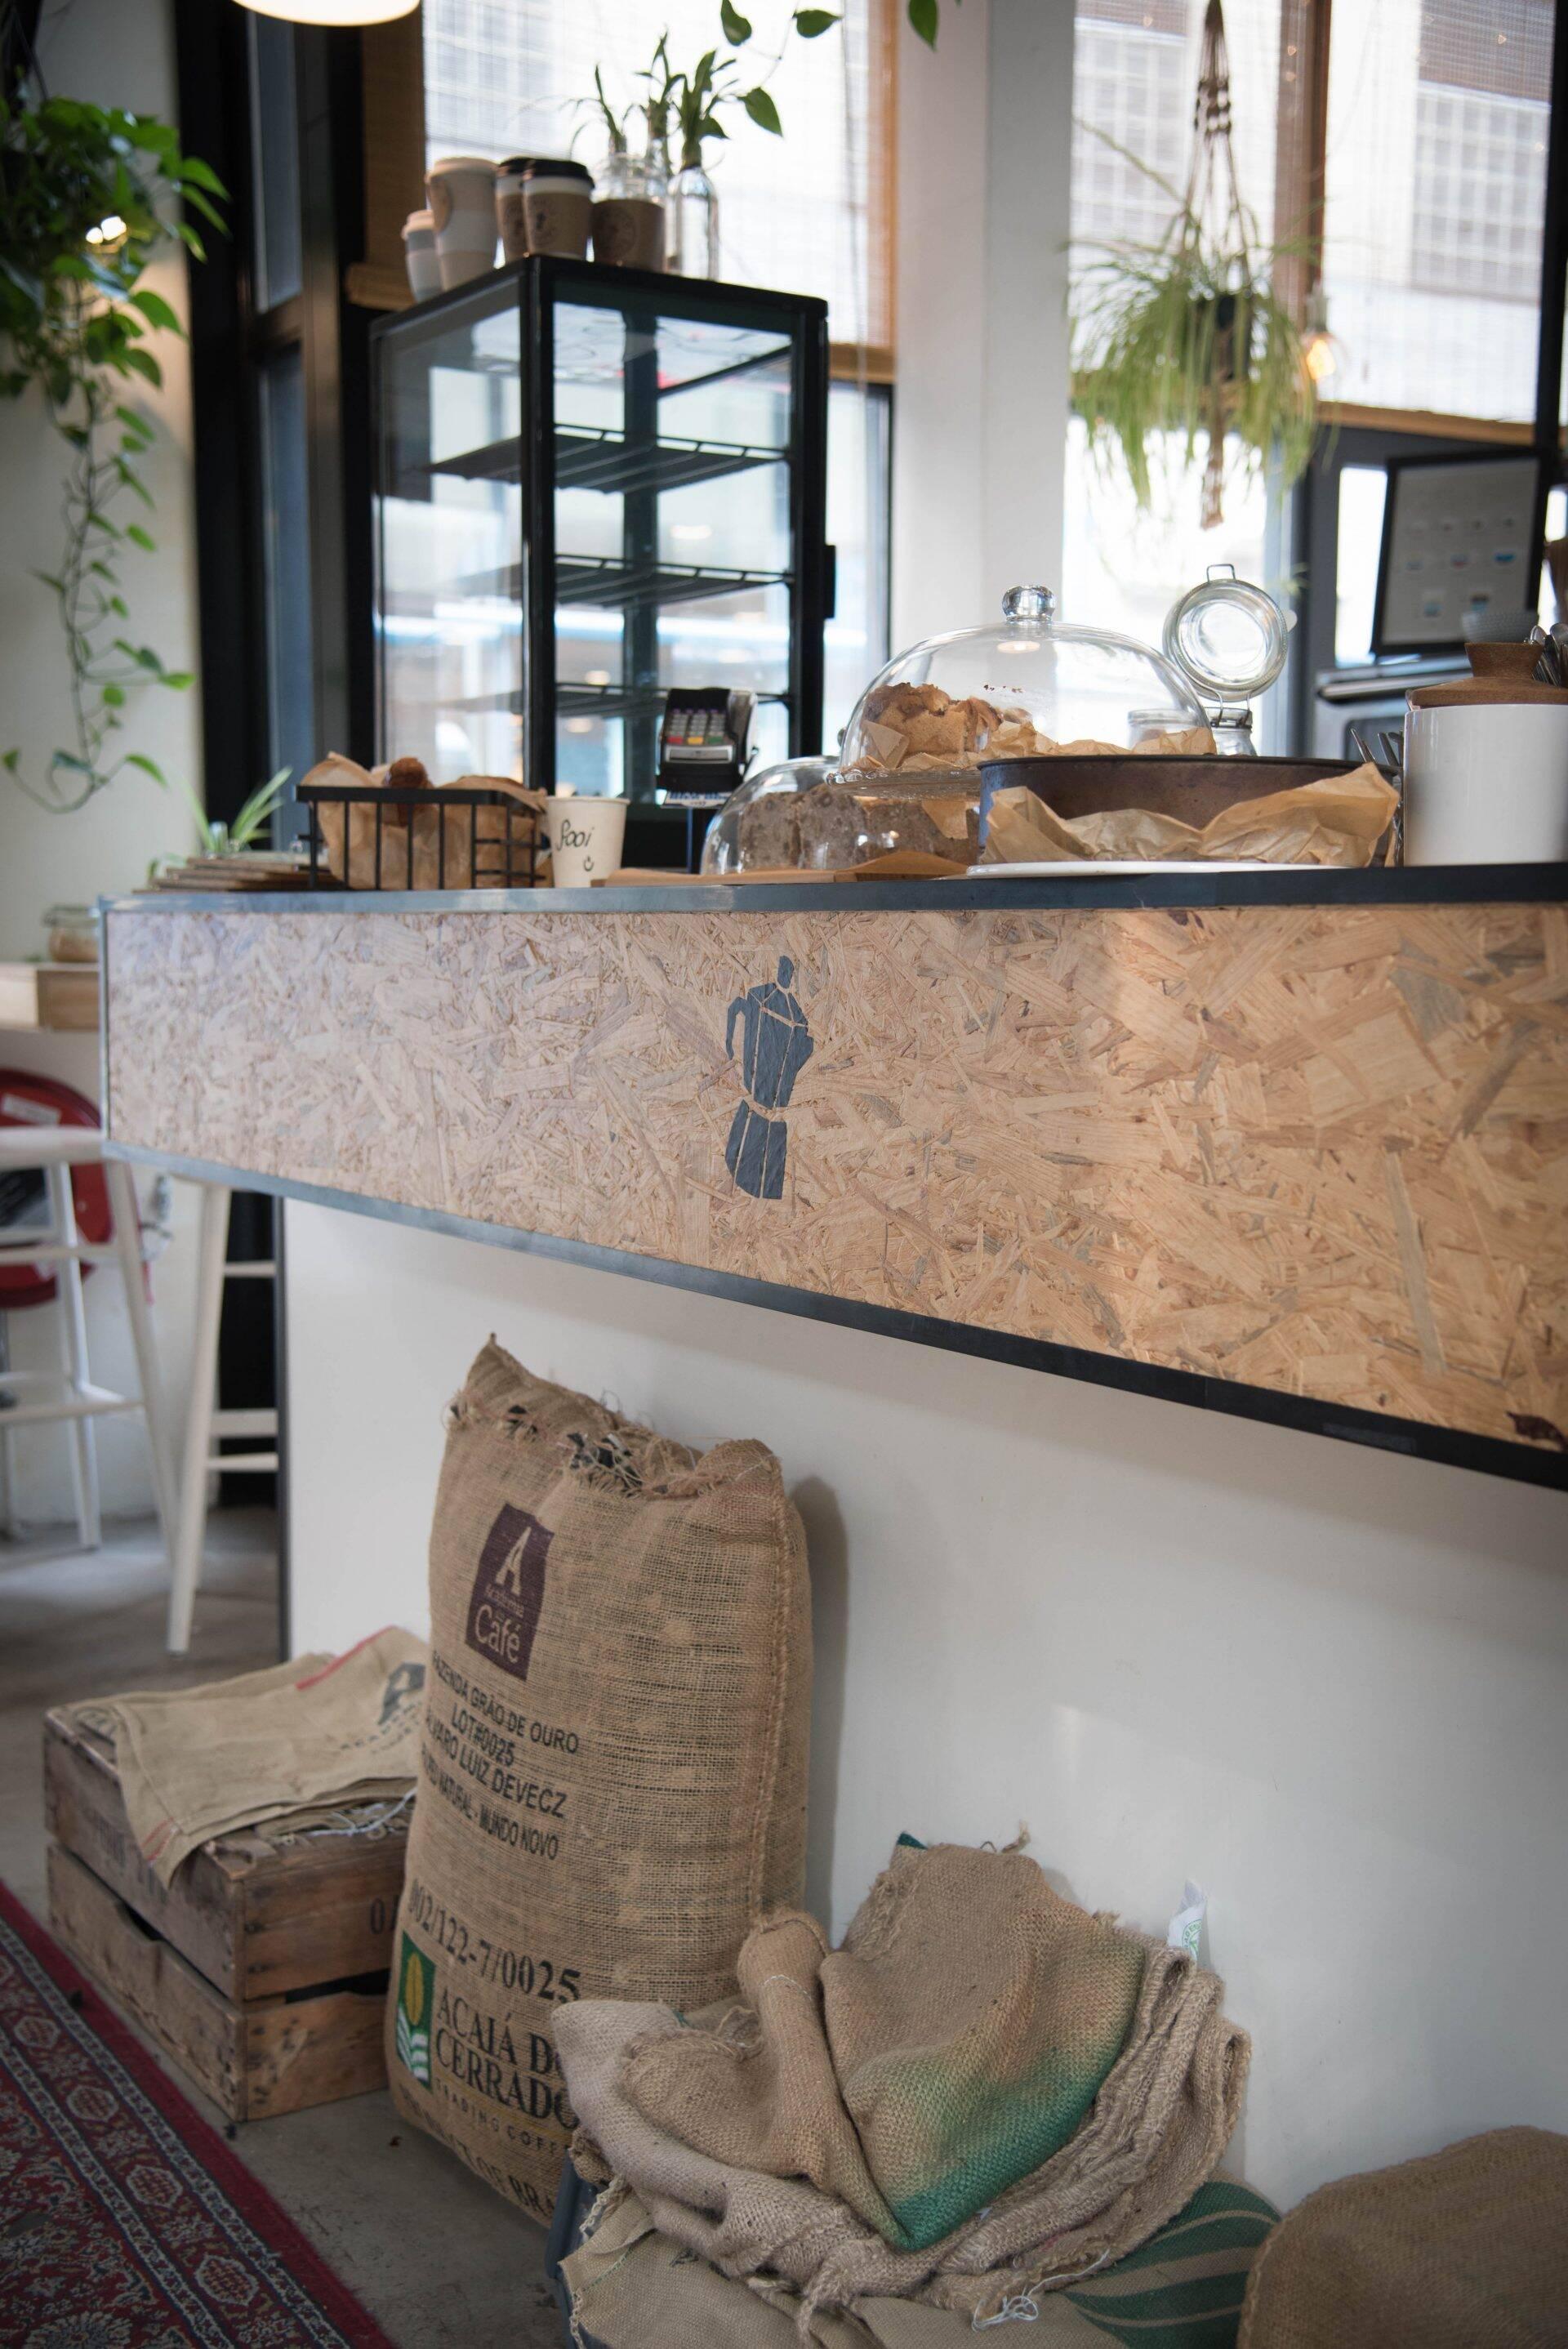 Sowieso koffiebar in Breda